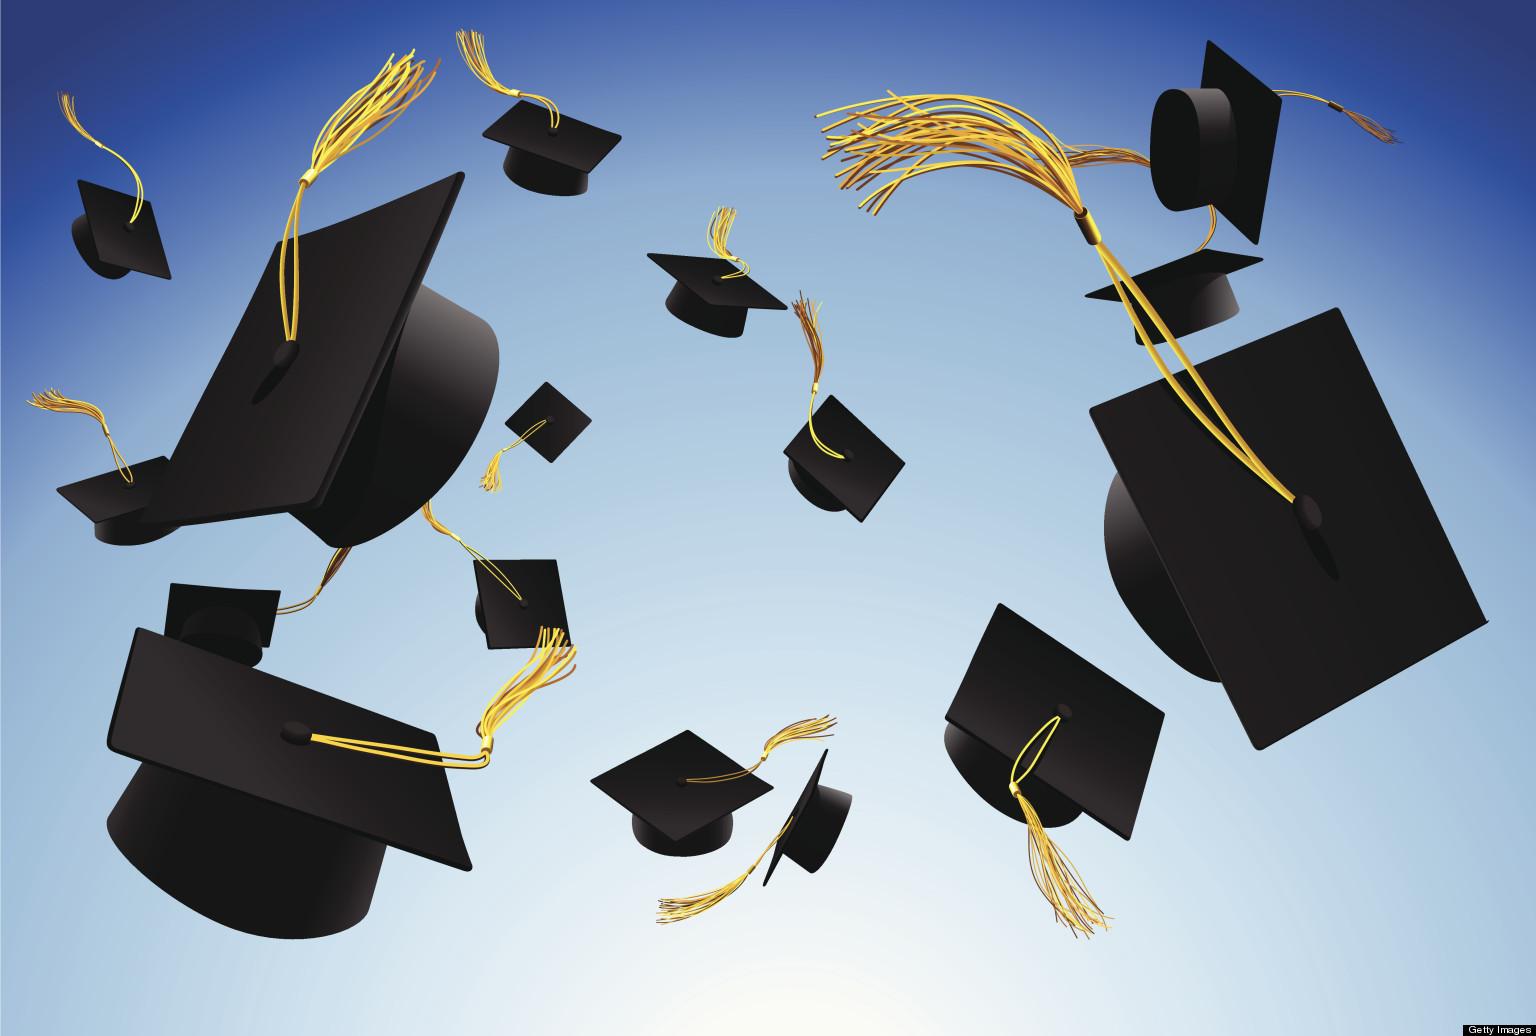 صور صور كرتونية عن التخرج , اجمل صور كرتون لحفل التخرج